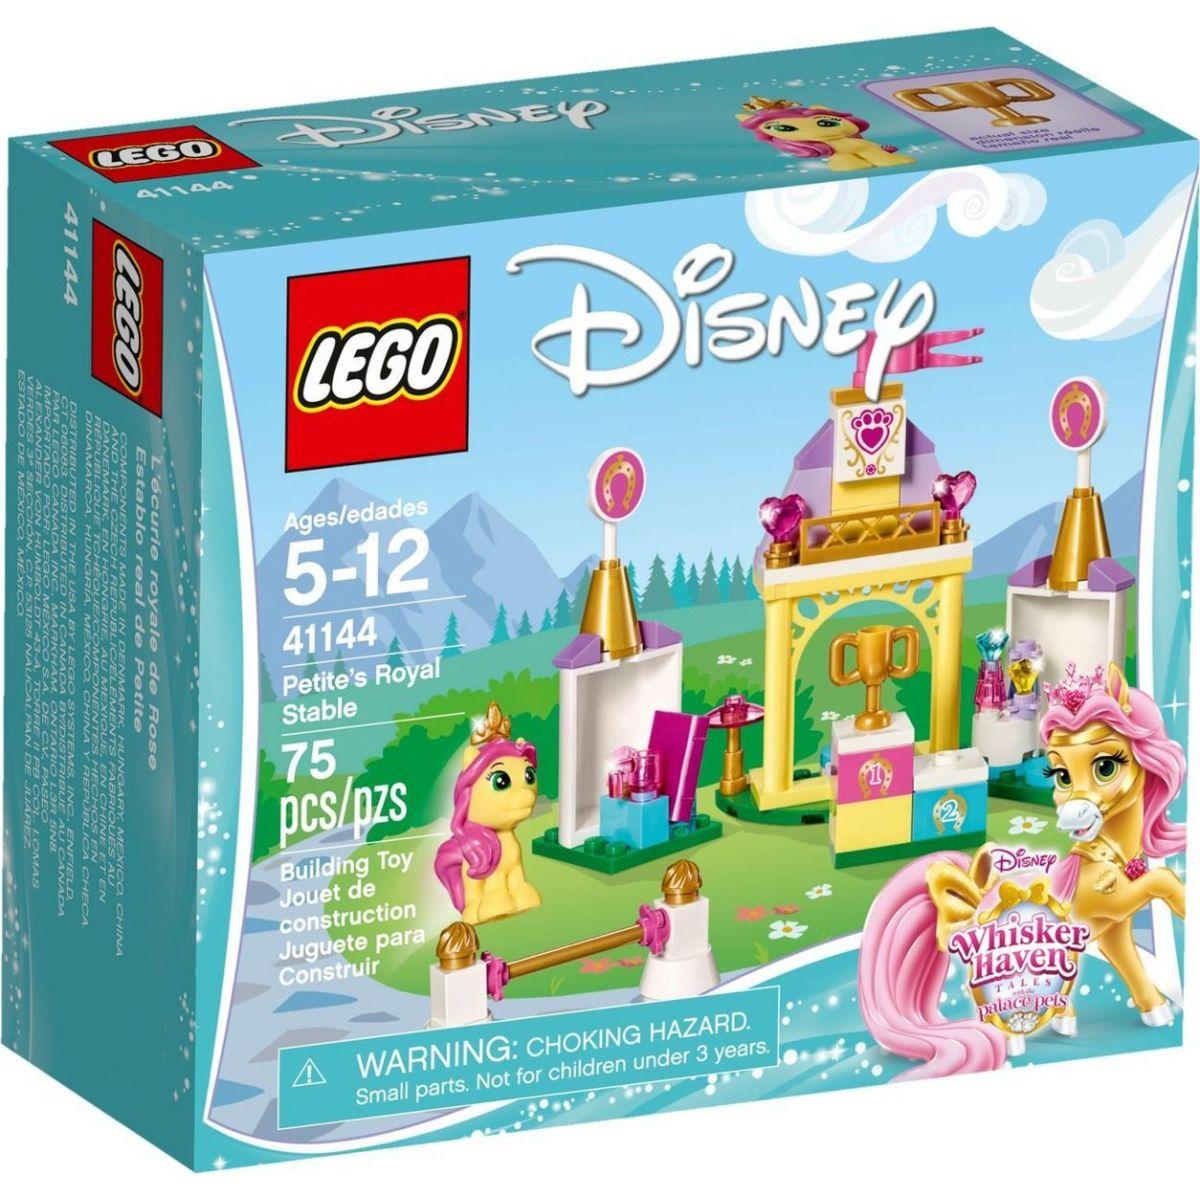 LEGO Disney příběhy 41144 Podkůvka v královských stájích